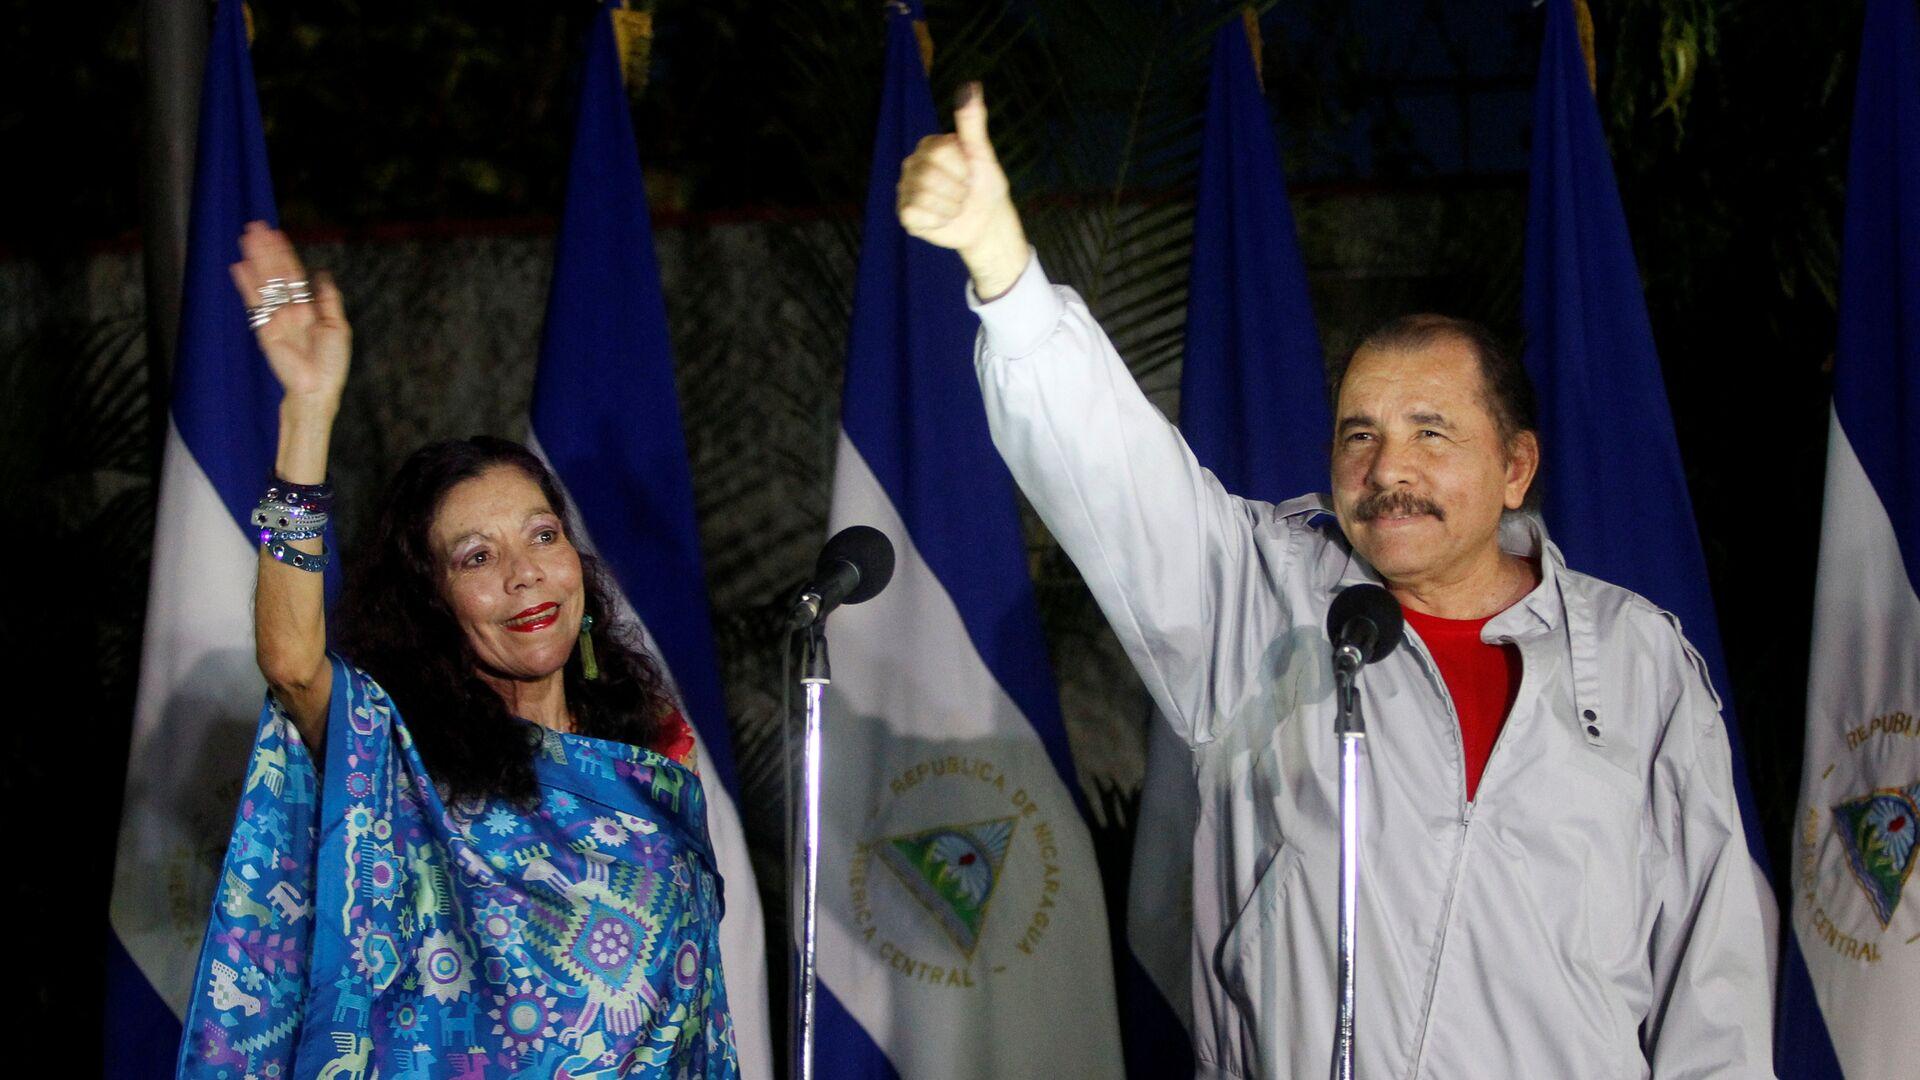 El presidente de Nicaragua, Daniel Ortega, y la vicepresidenta de la República, Rosario Murillo - Sputnik Mundo, 1920, 02.08.2021